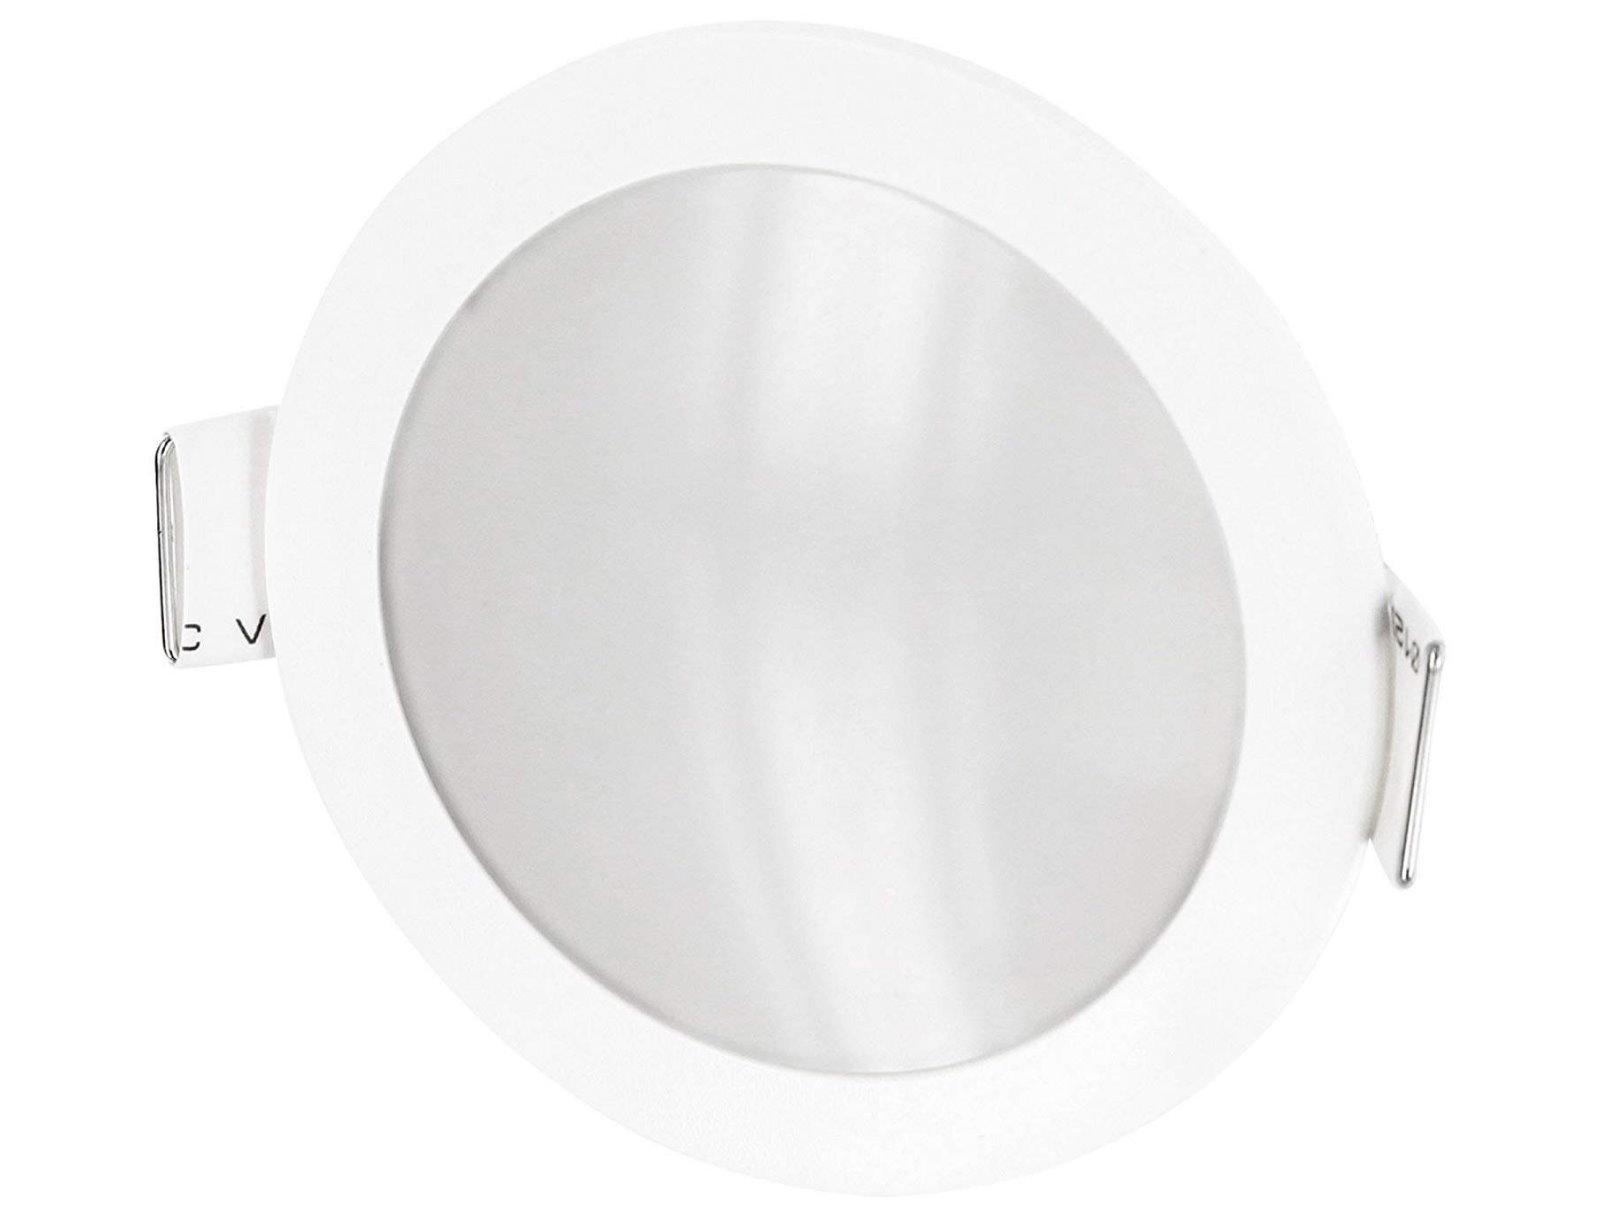 LED Feuchtraum Einbauleuchte Slim IP54 - 5W